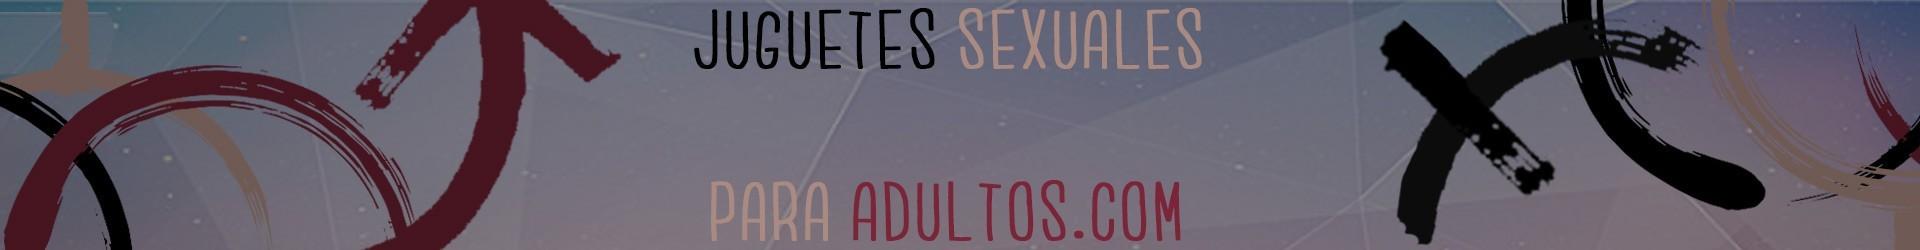 Penes de actores - Sex Shop Juguetes Sexuales